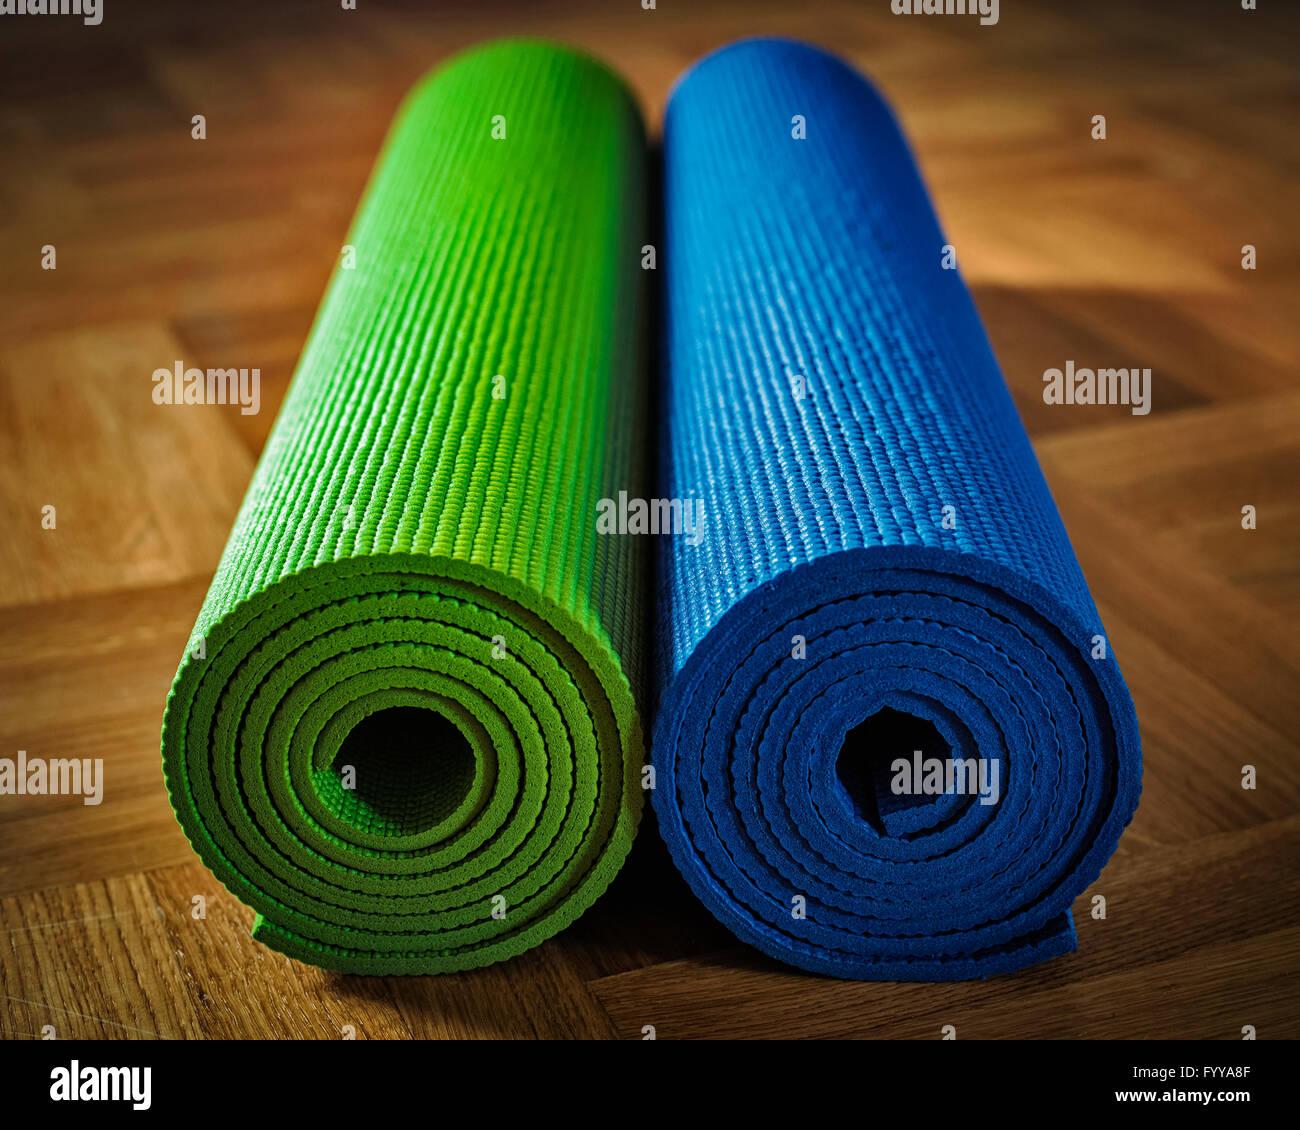 Yoga-Matte am Boden Stockbild